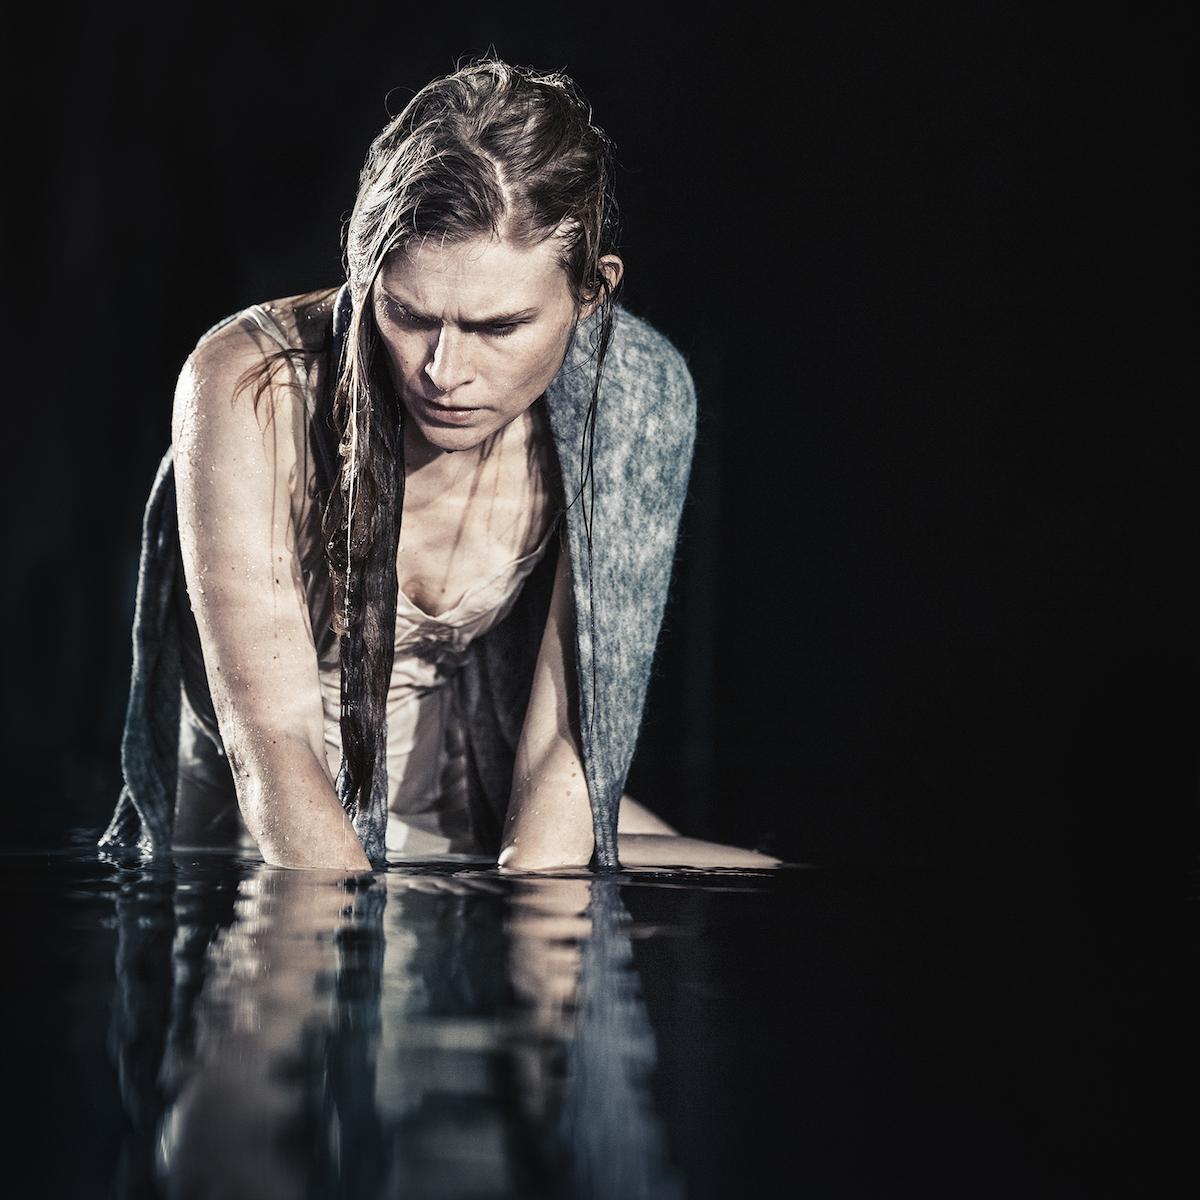 ANMELDELSE: Medea, Aarhus Teater